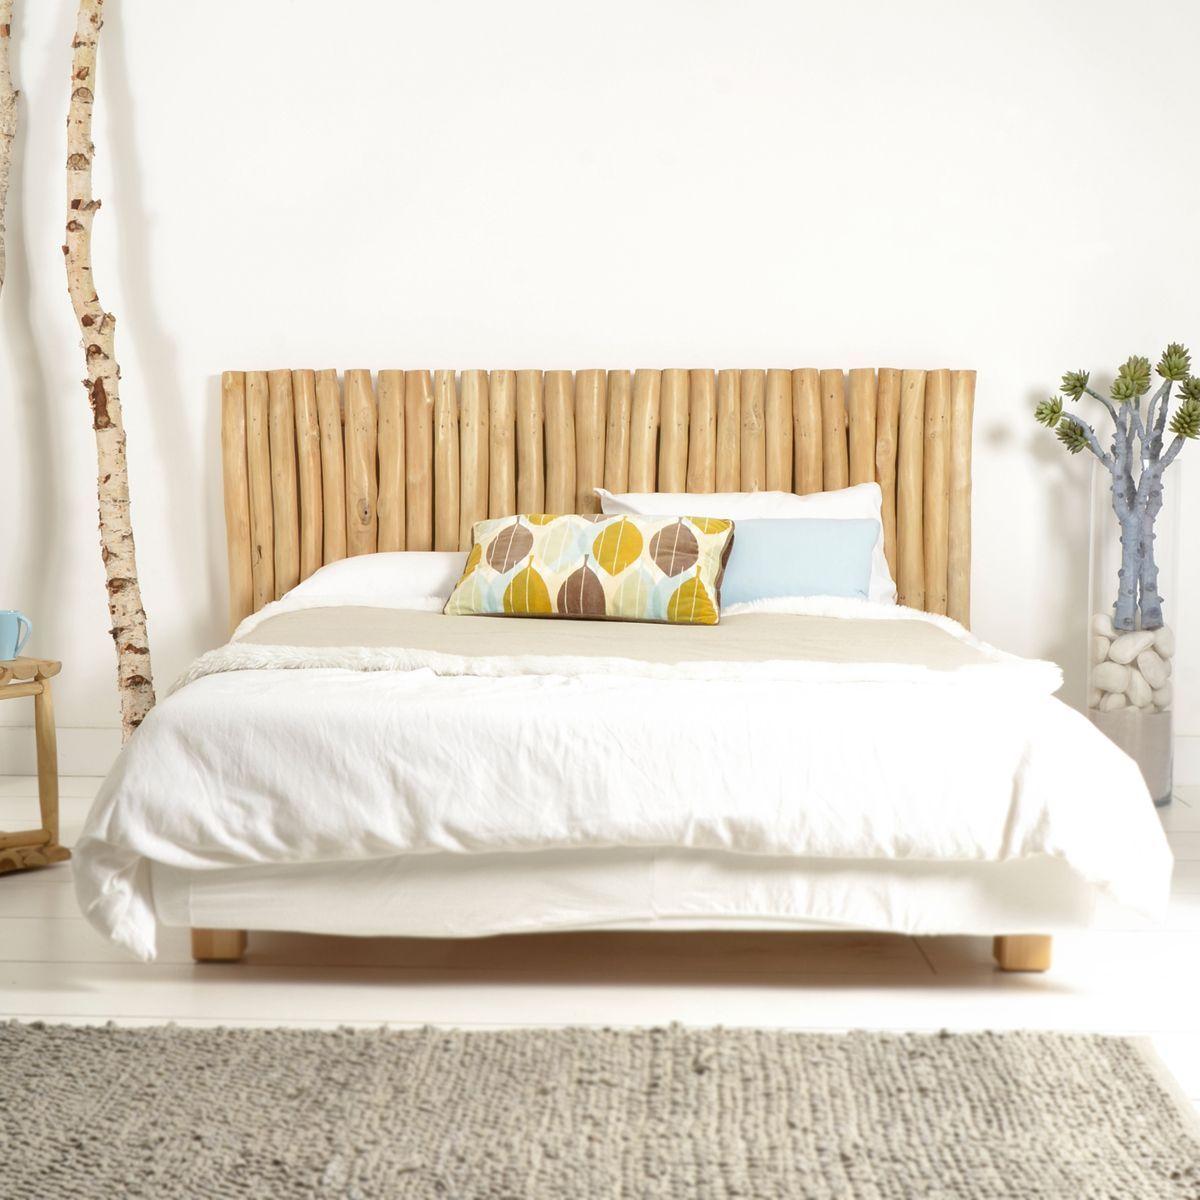 Fabriquer Tete De Lit En Bois 14 têtes de lit à faire soi-même